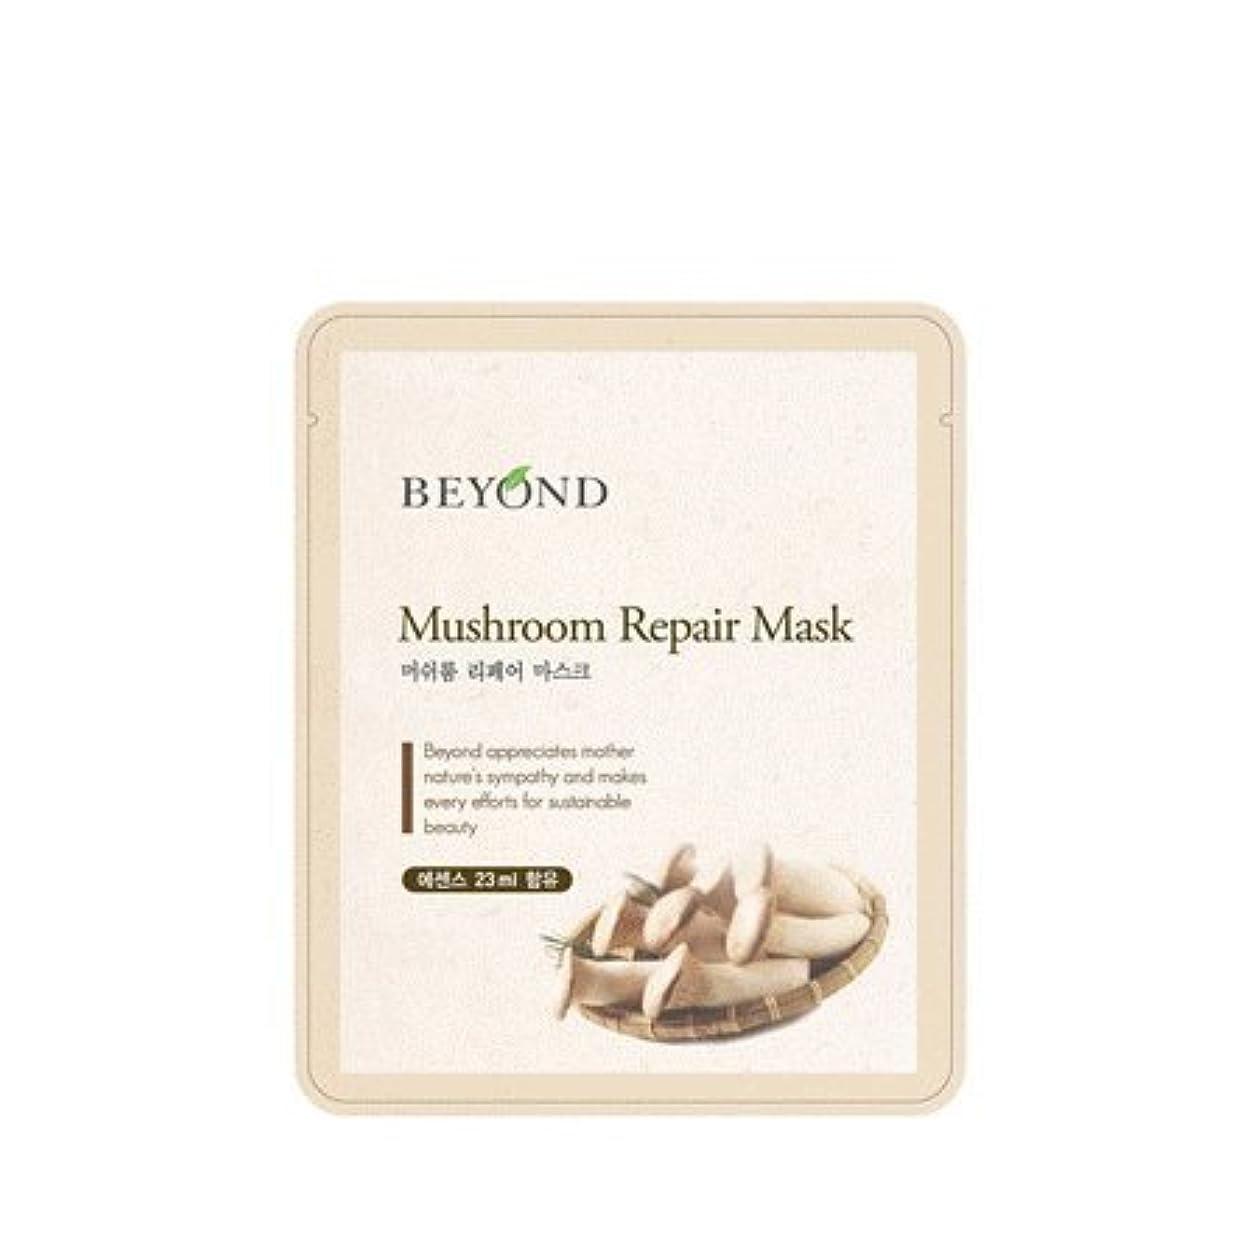 口述するプレゼンター哲学Beyond mask sheet 5ea (Mushroom Repair Mask)